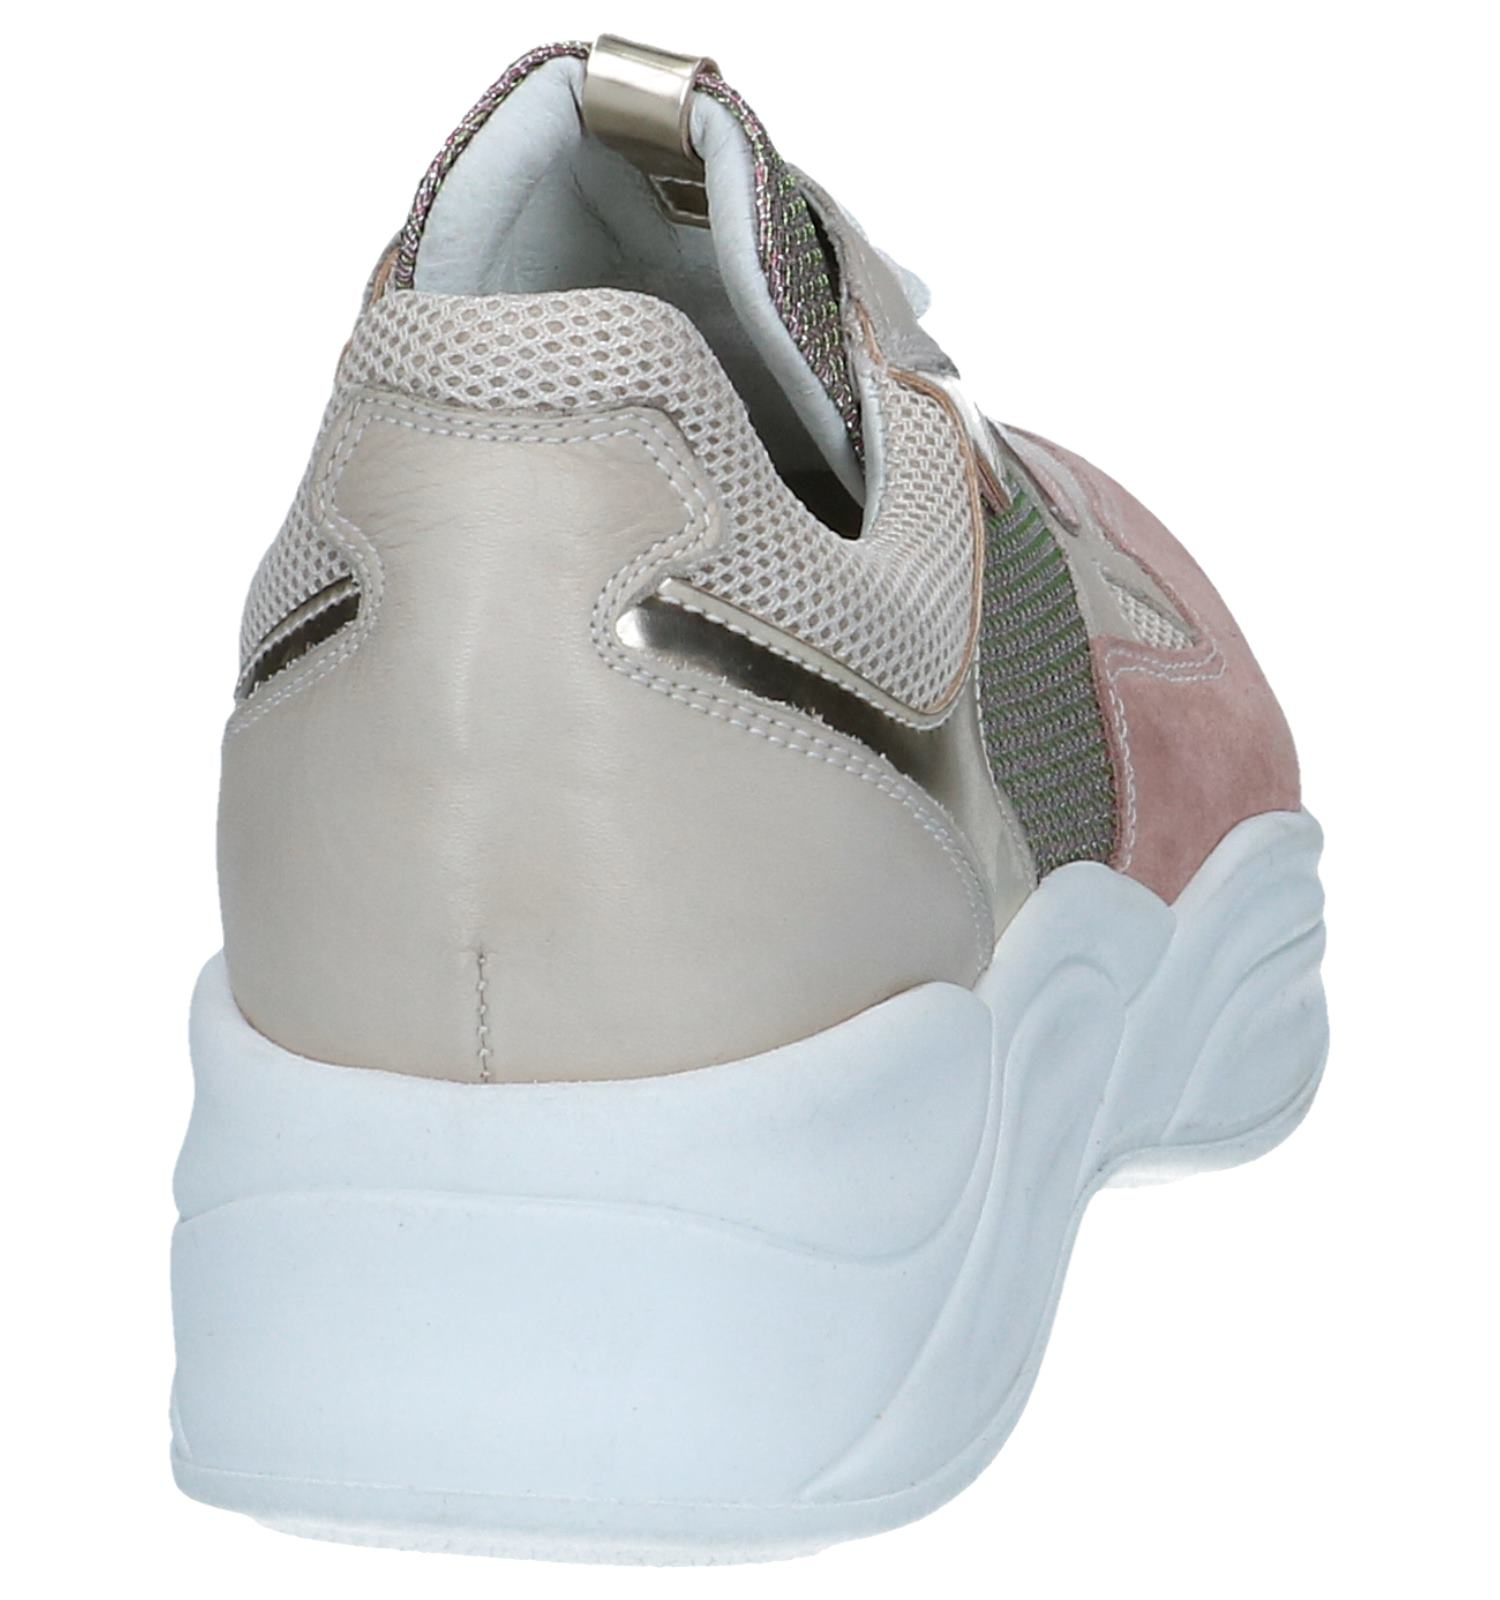 Roze Nineties Sneakers Nerogiardini Sneakers Nerogiardini Nineties Roze 9WE2bDIYHe